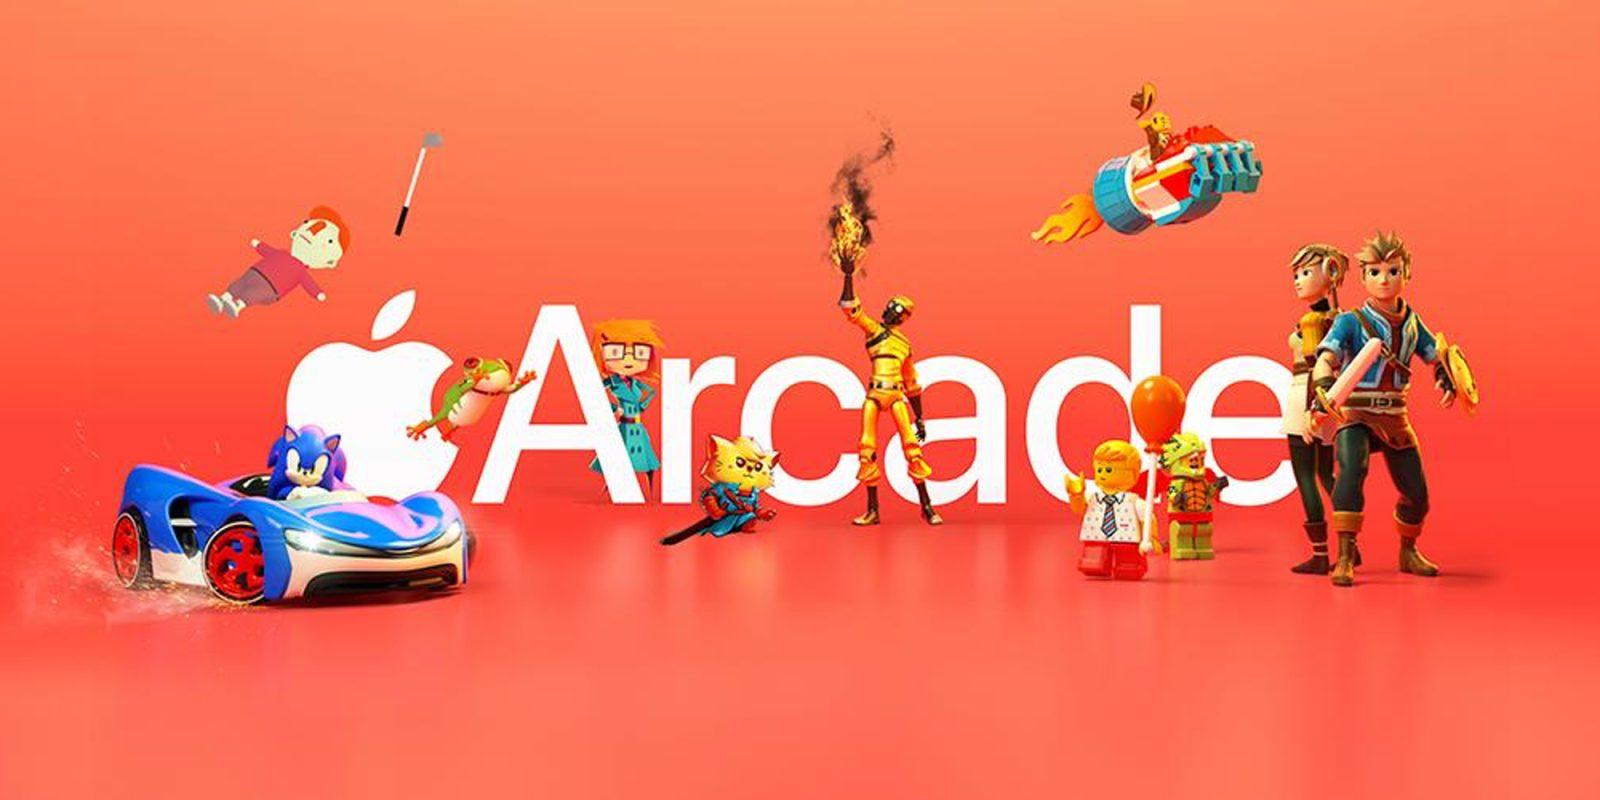 apple arcade banner